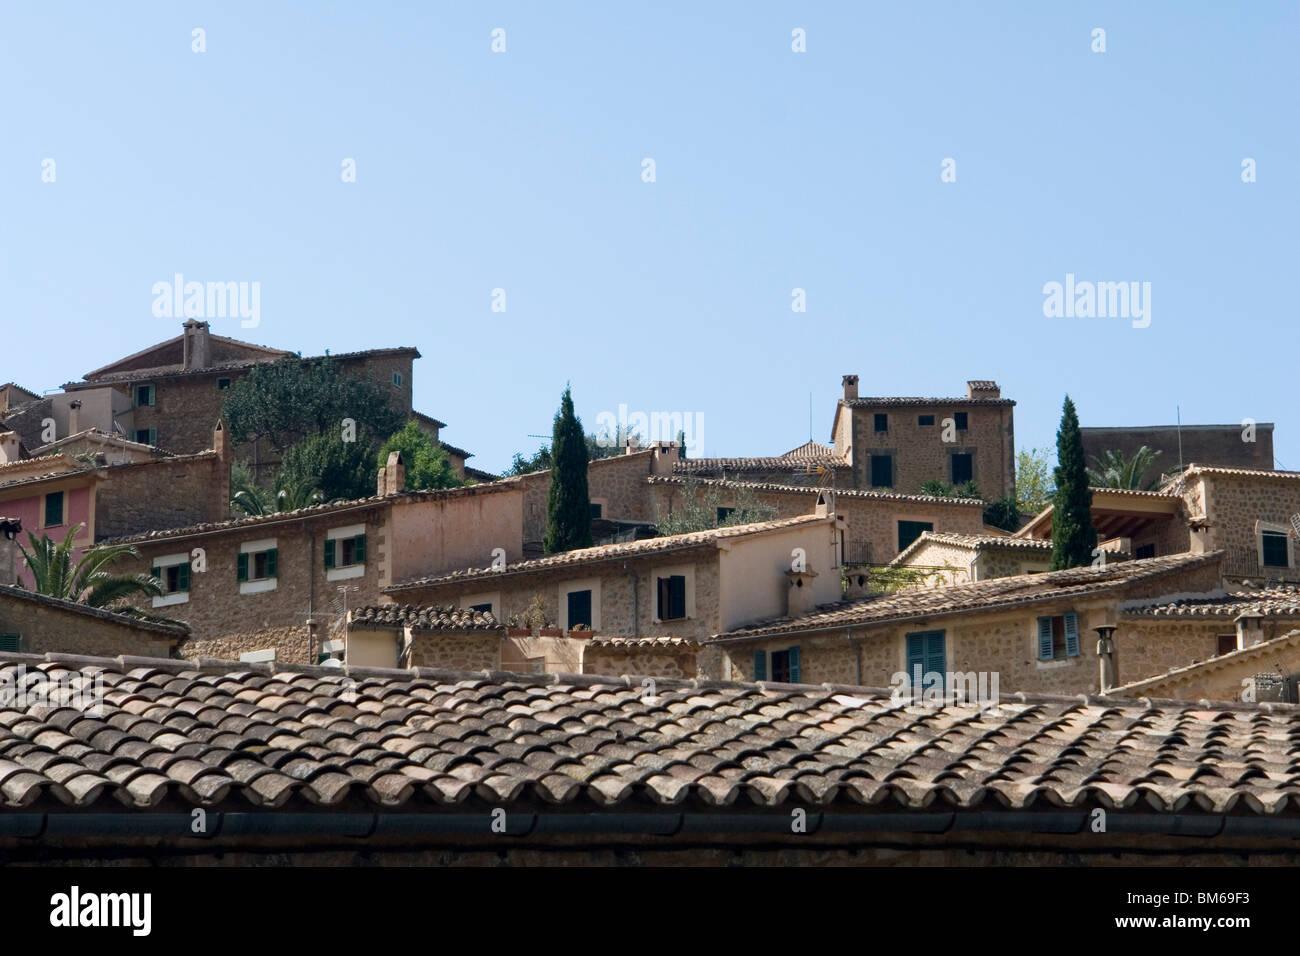 Single pitches of the house roofs of Deia (Majorca - Spain). Les toits à simple pente des maisons de Deia (Majorque - Stock Image